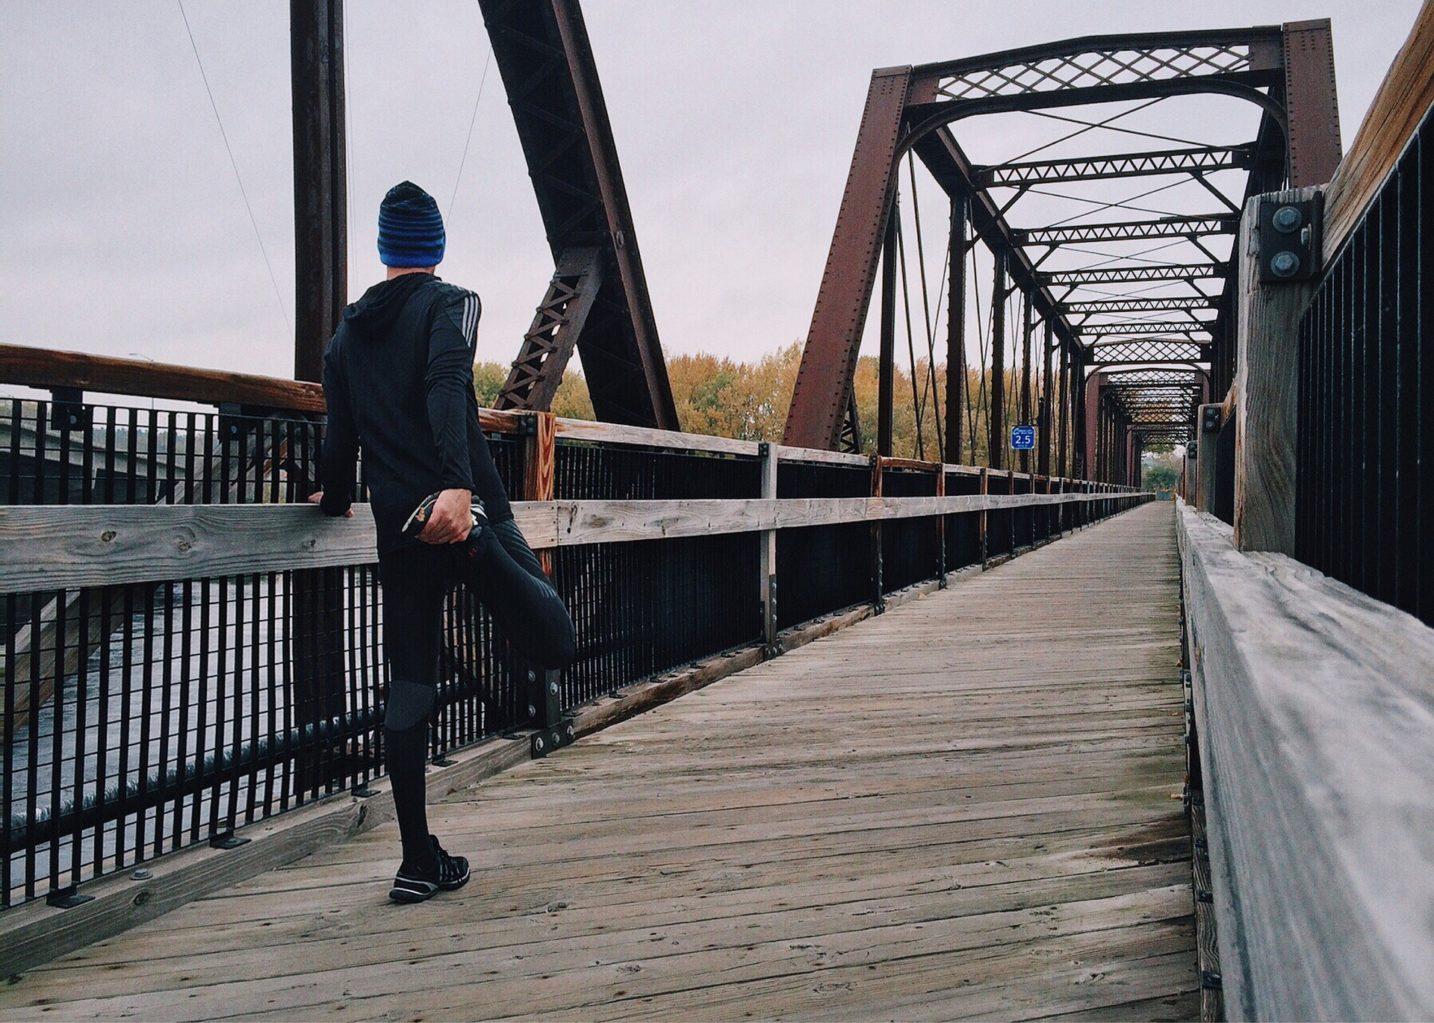 橋の上で準備体操をする、ニット帽着用の男性ランナー